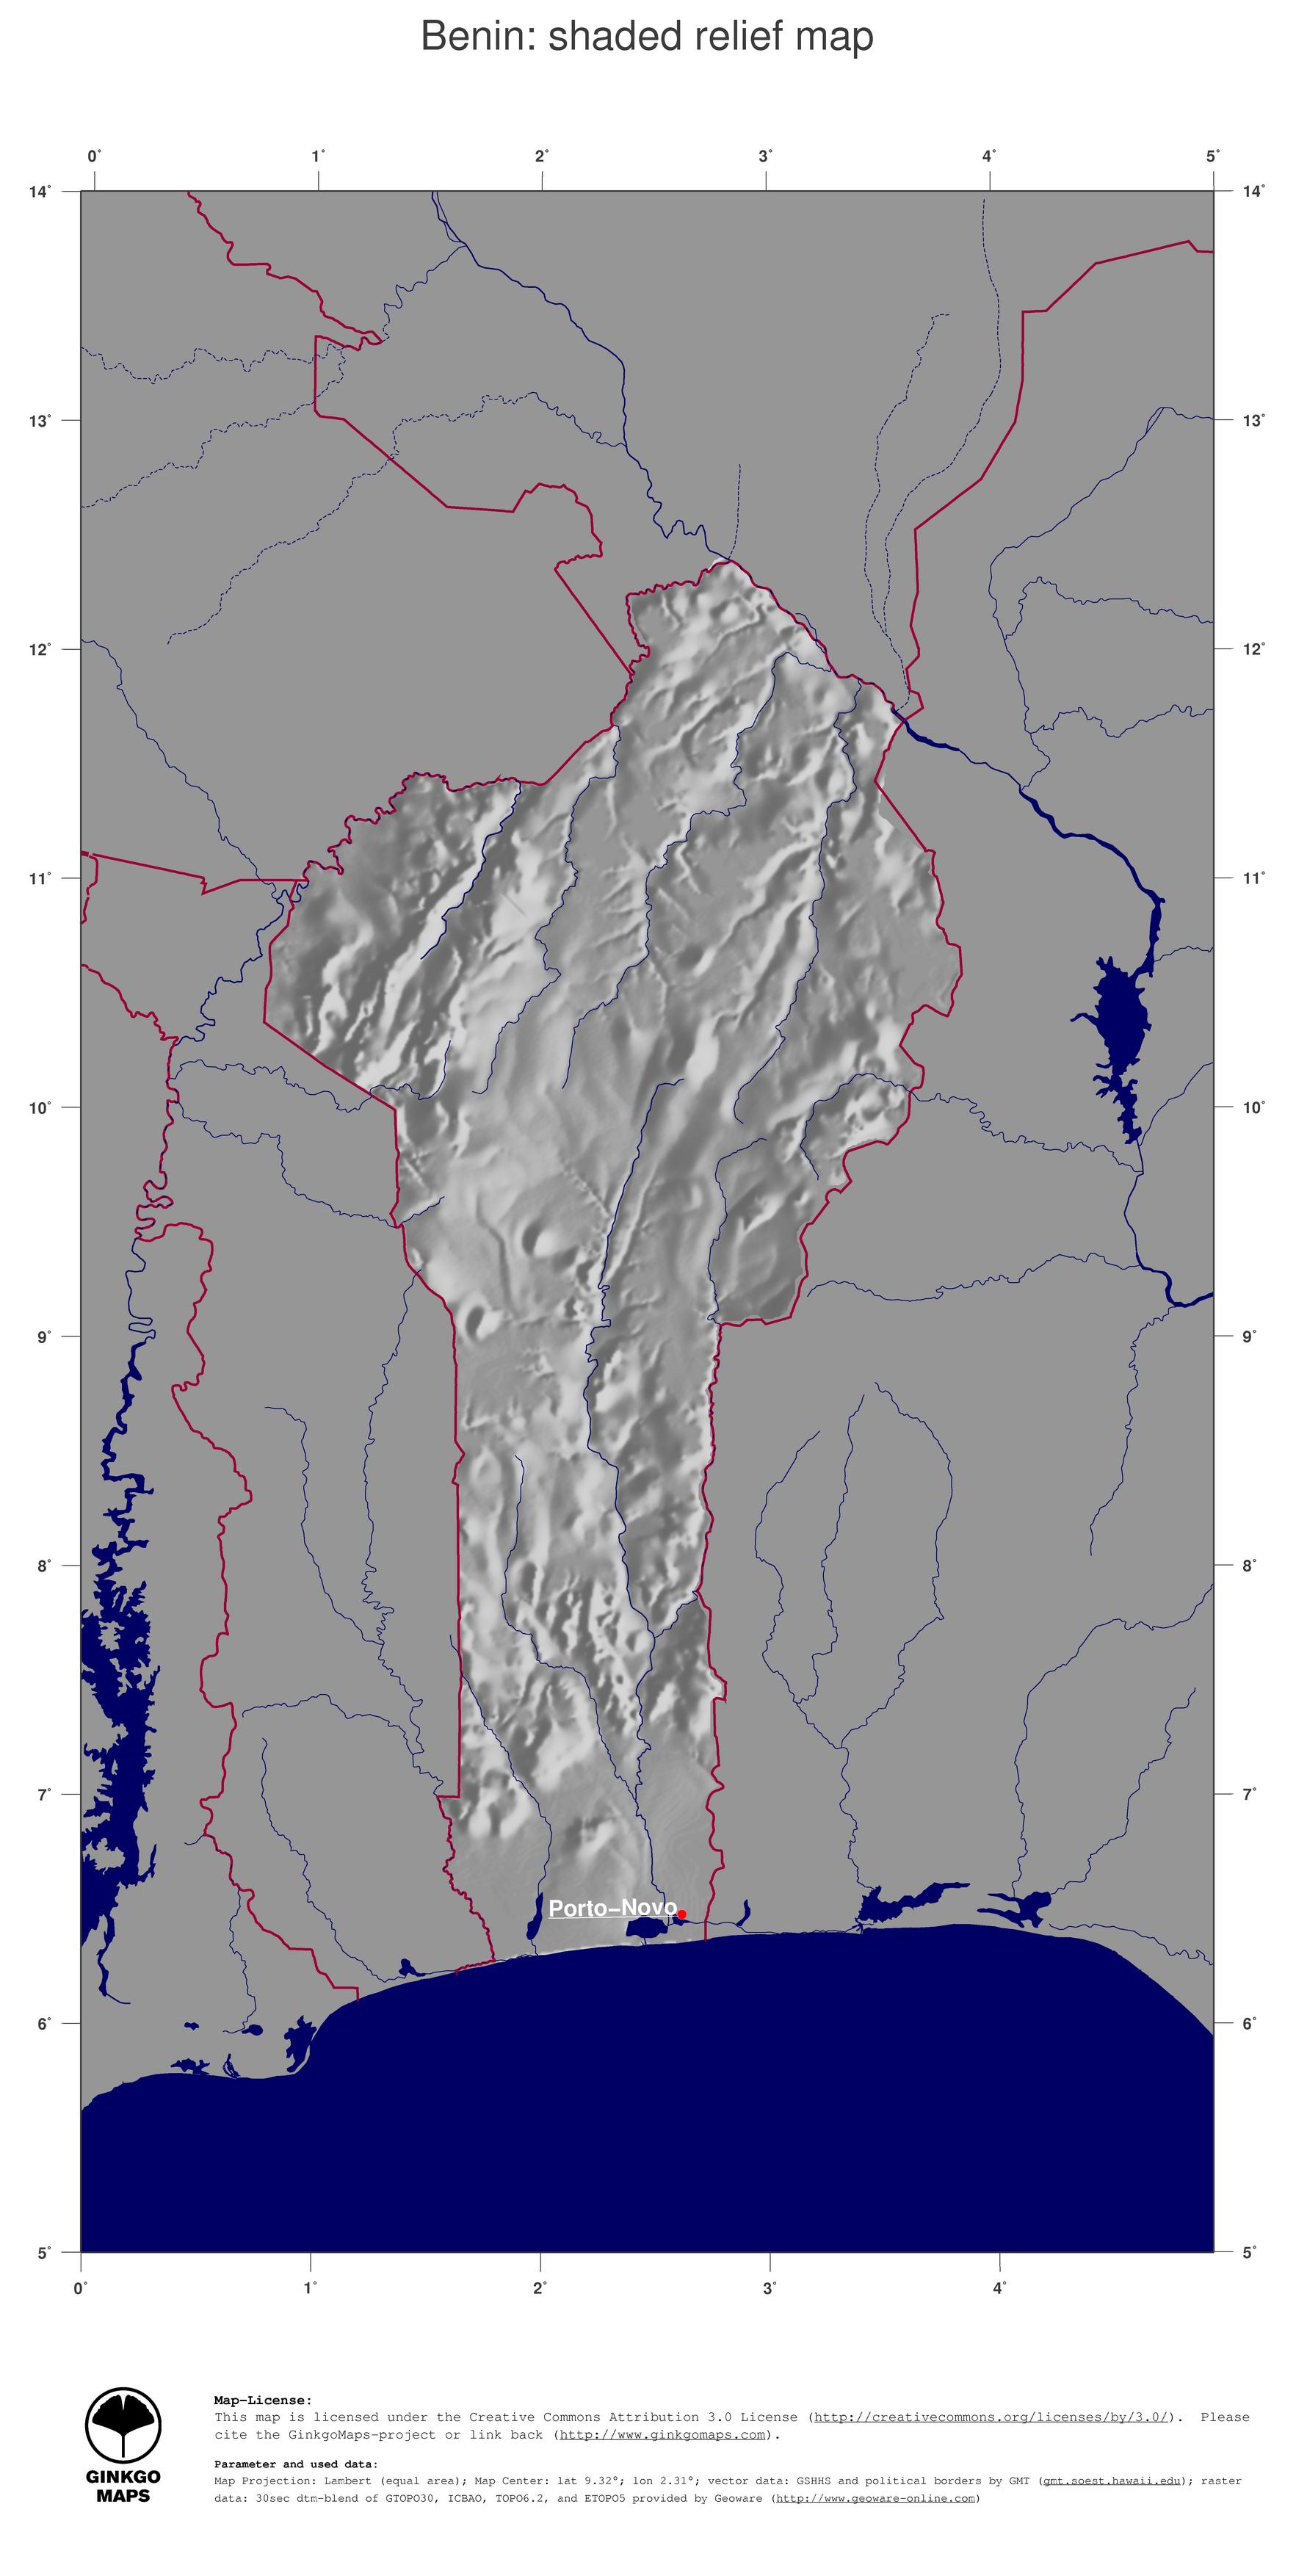 Map Benin GinkgoMaps continent Africa region Benin